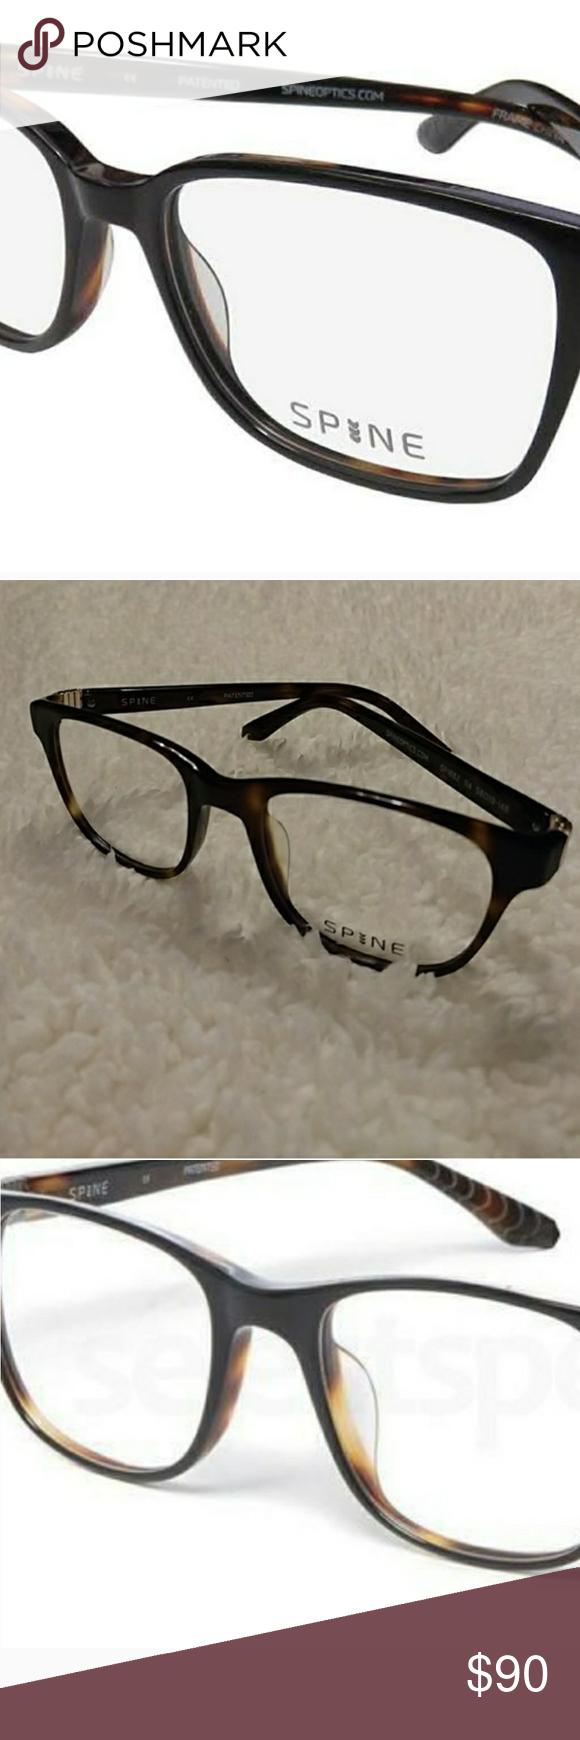 d2bc9816c7f0 NEW SPINE Lenses+ Authentic FENDI Case 🌟BRAND NEW 🌟 SPINE Prescription GLASSES  FRAME STYLE SP1002